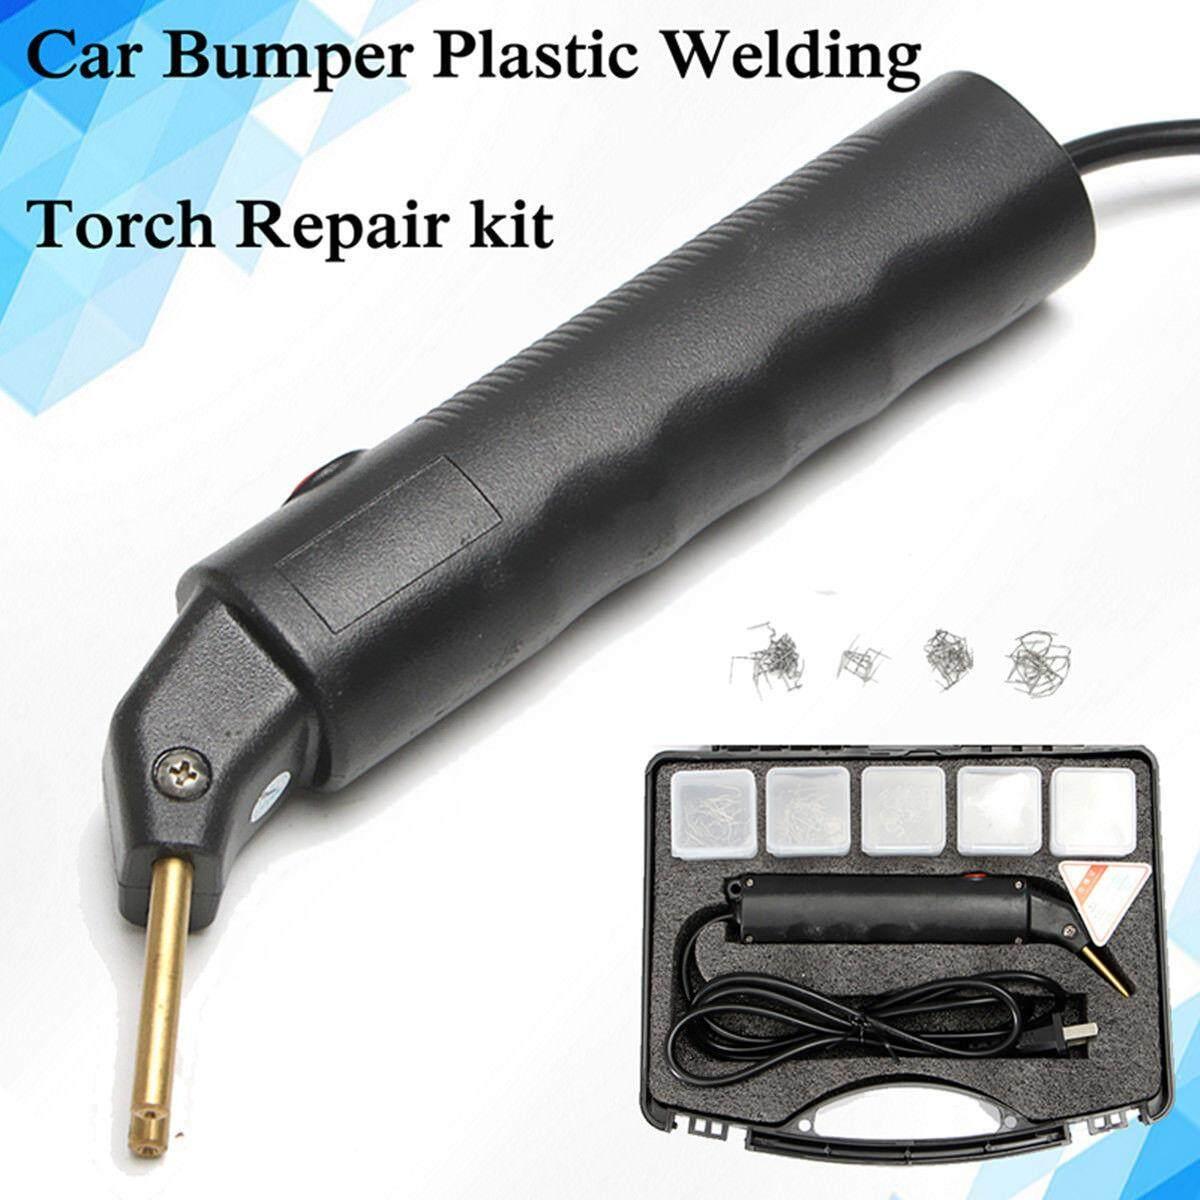 Hybrid Plastic Welding Kit Hot Stapler